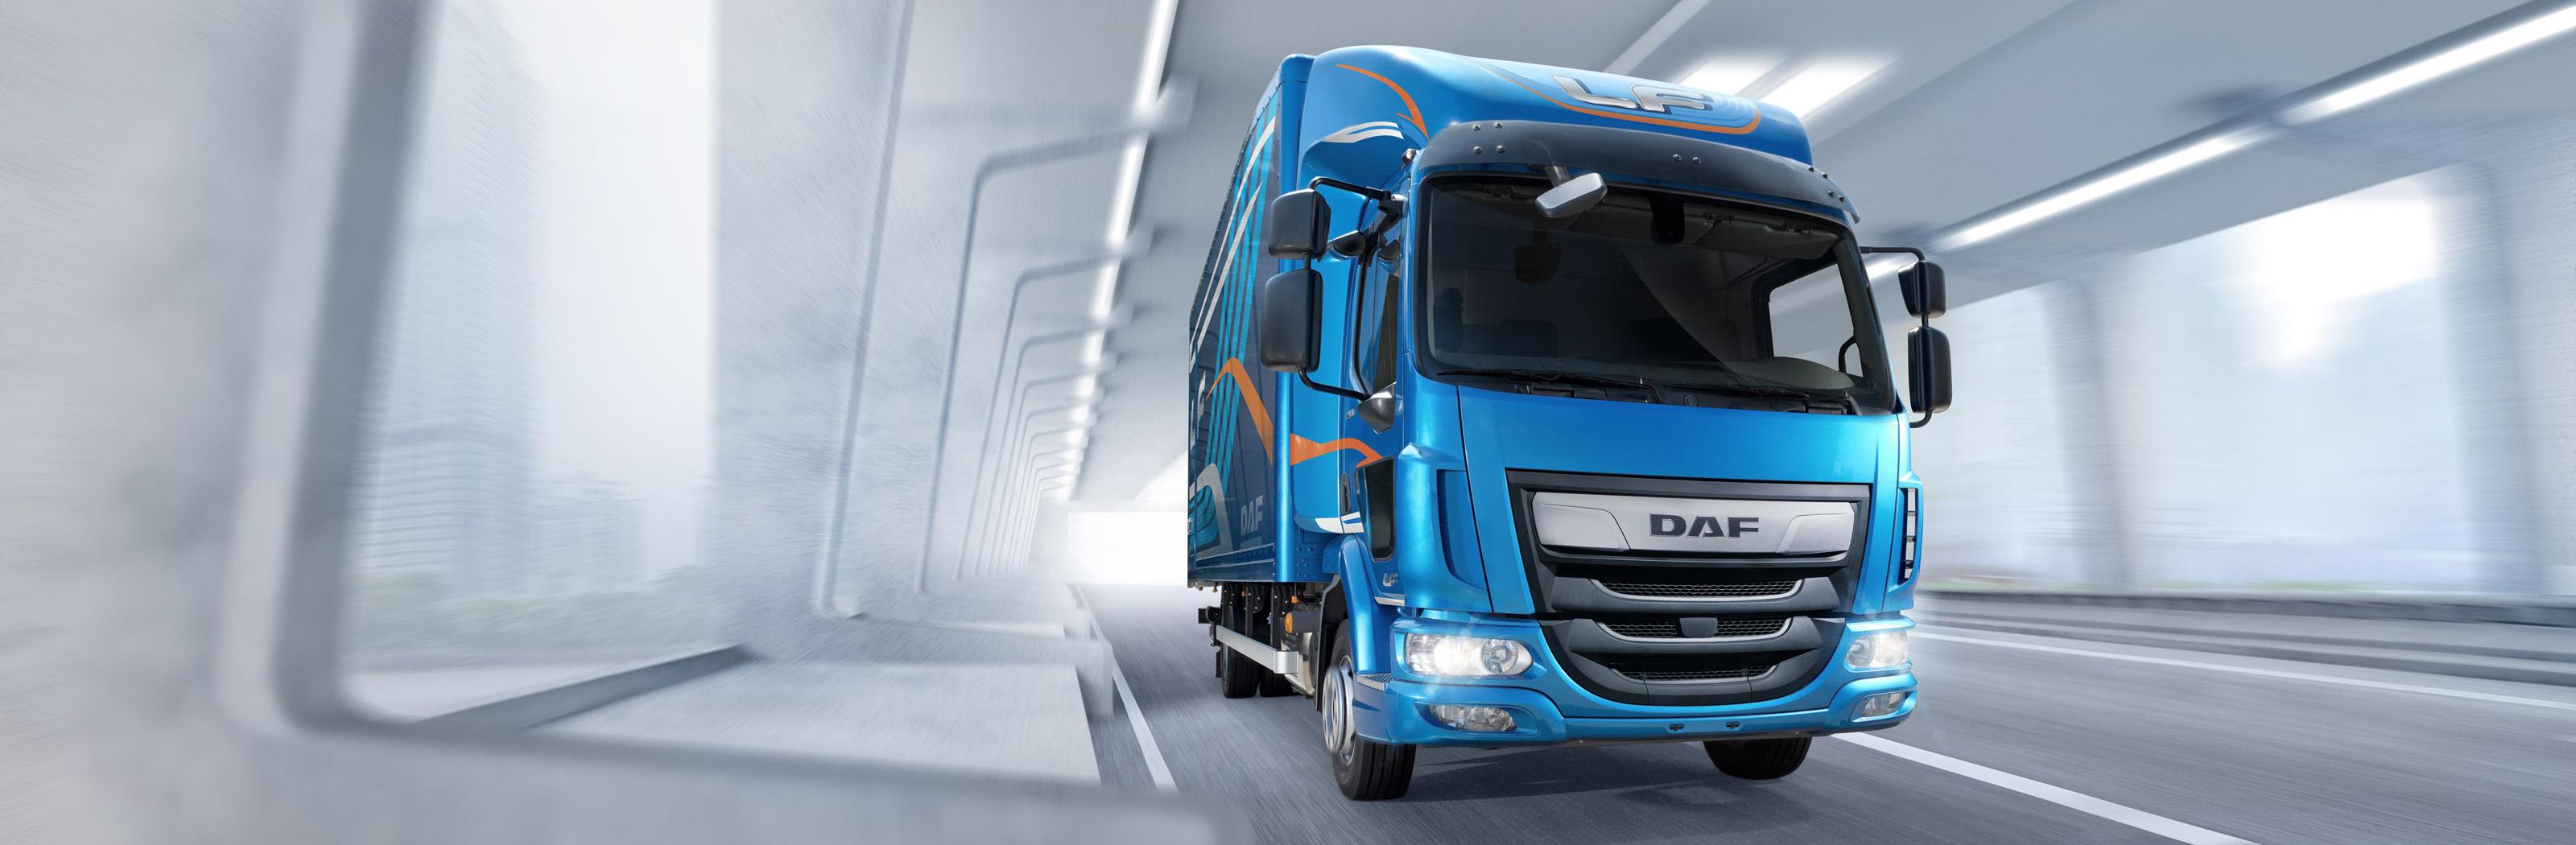 DAF LF 230 FA Tipper Truck